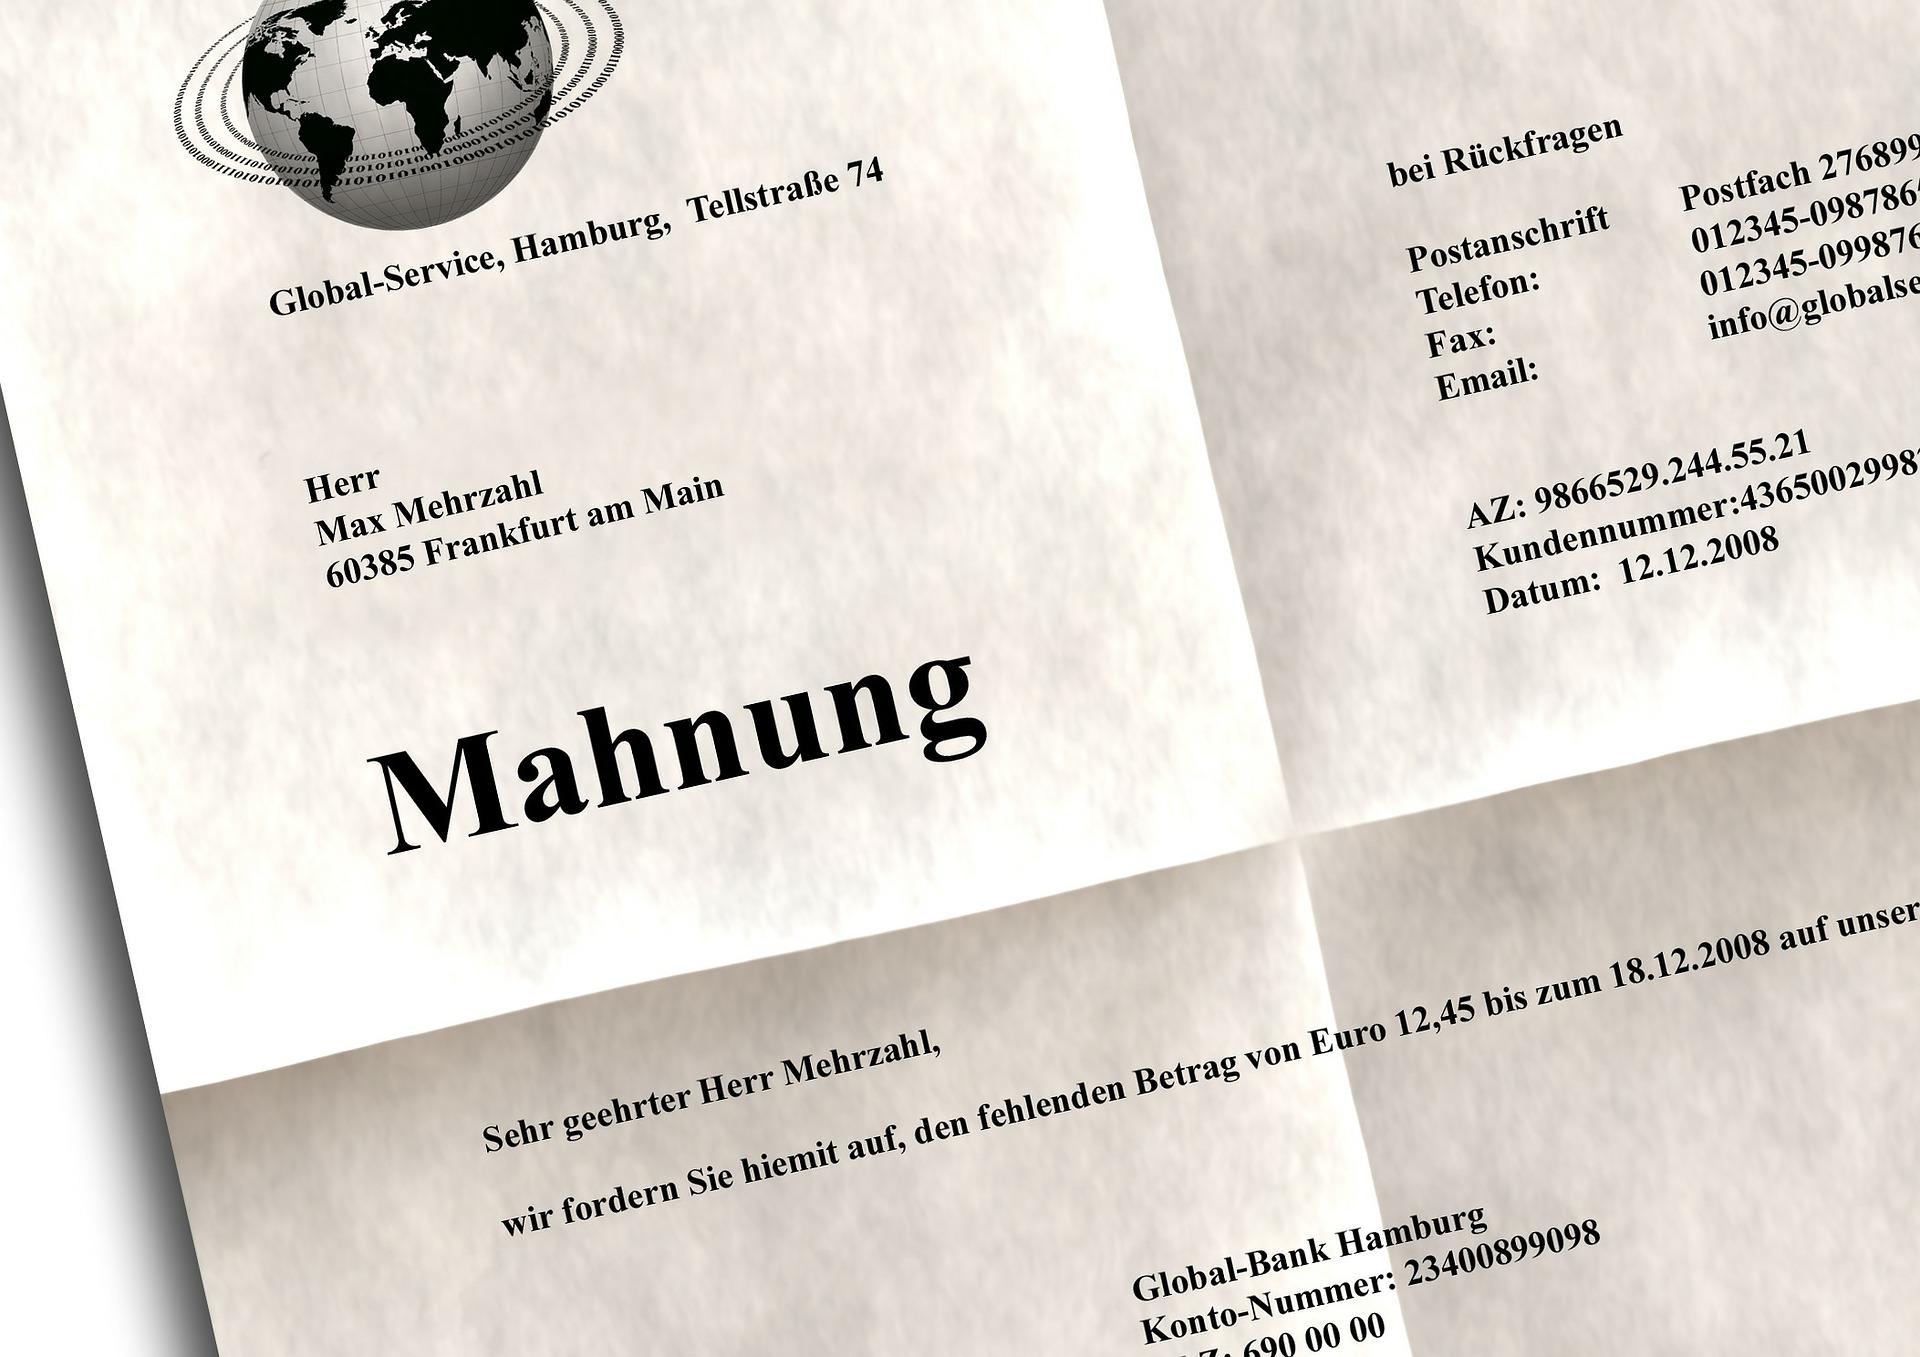 Wie Erkenne Ich Eine Gefälschte Mahnung Schufa öffnungszeiten Berlin